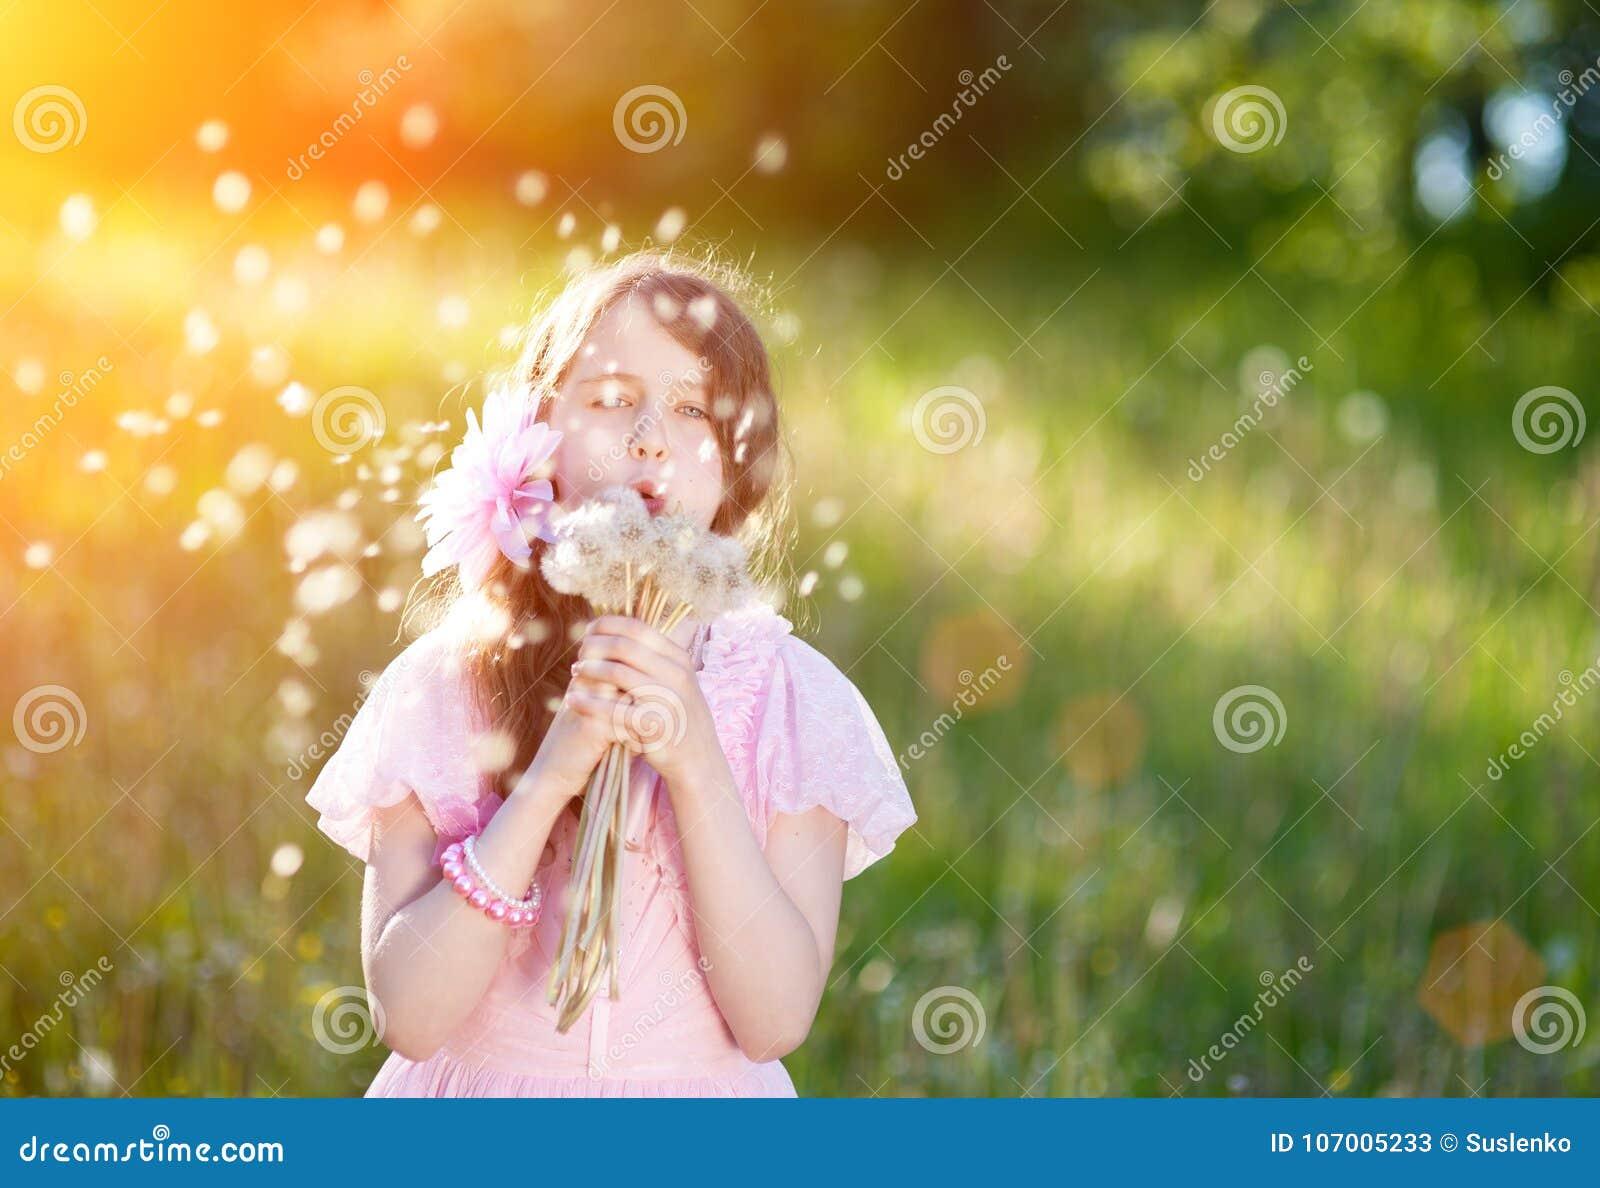 Liten flicka i en rosa klänning som blåser en bukett av maskrosor i strålarna av en ljus sol